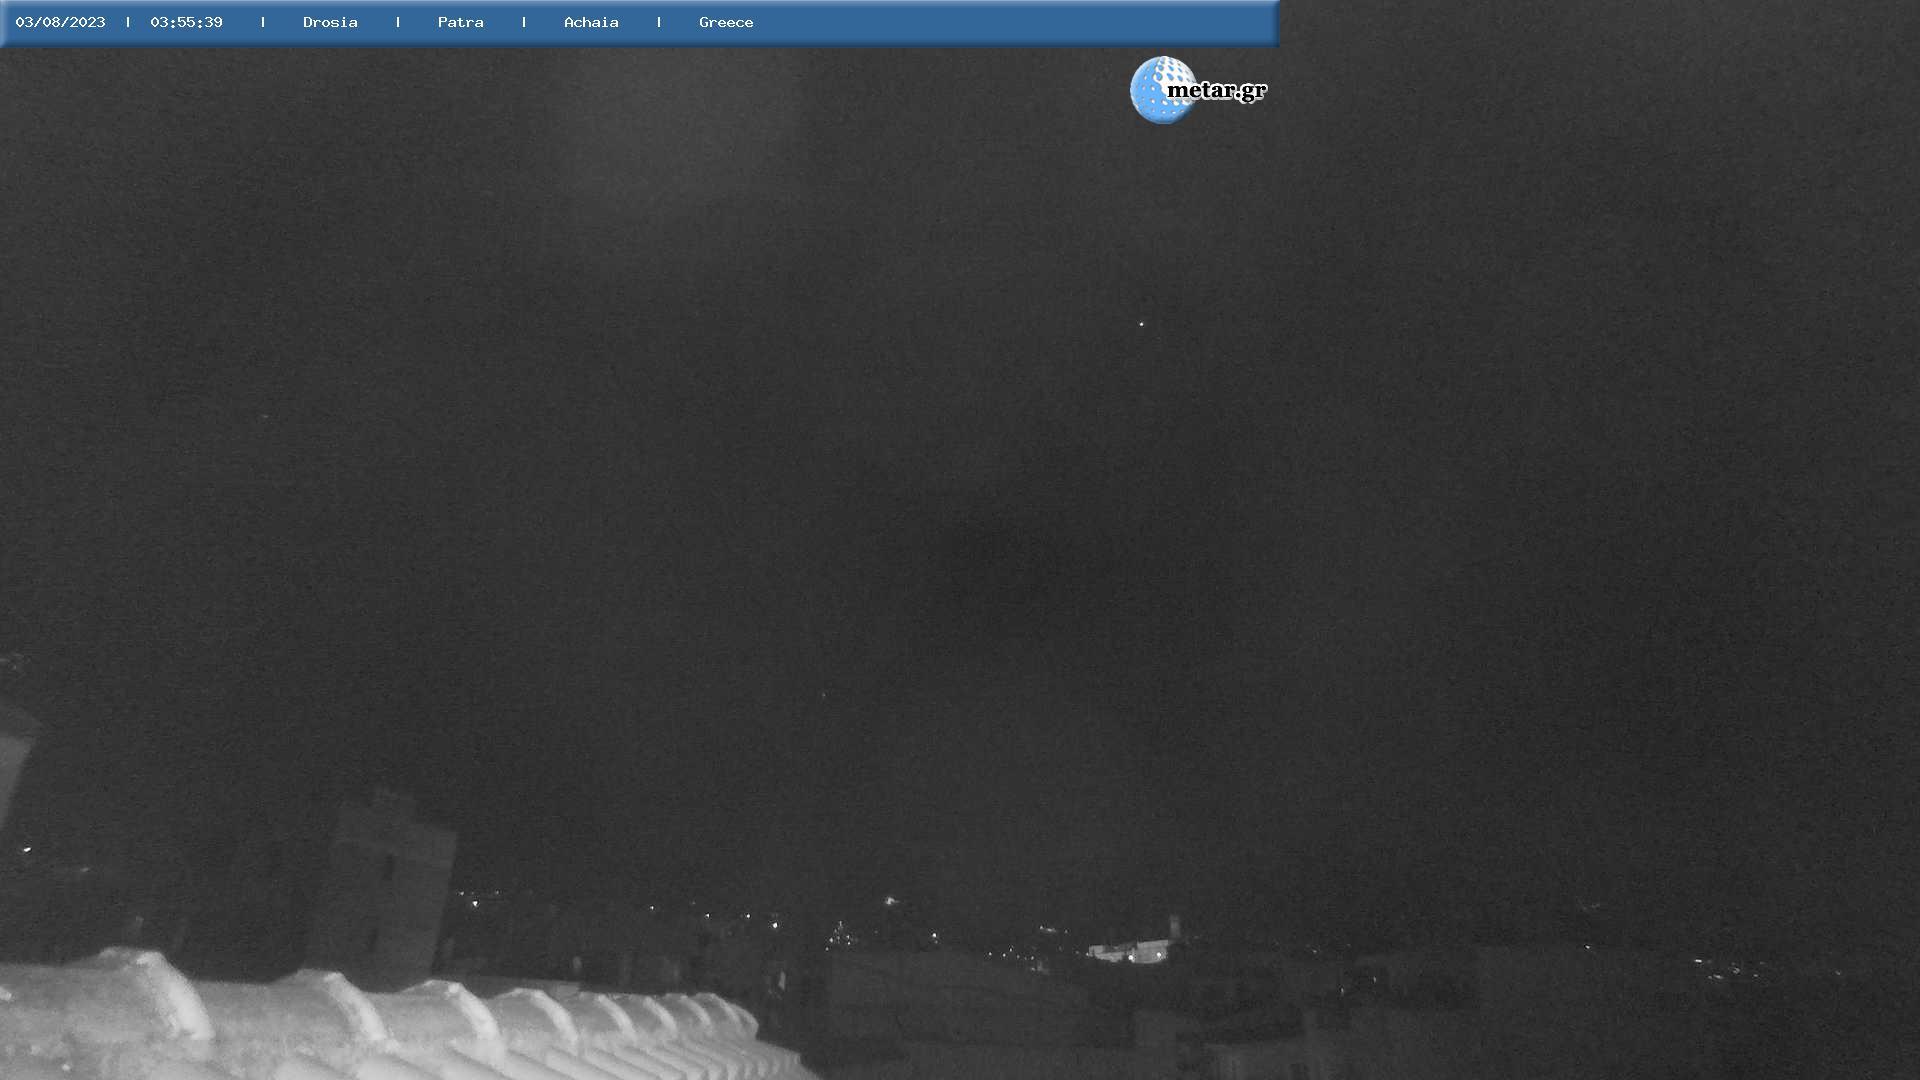 Webcam Patra - Drosia